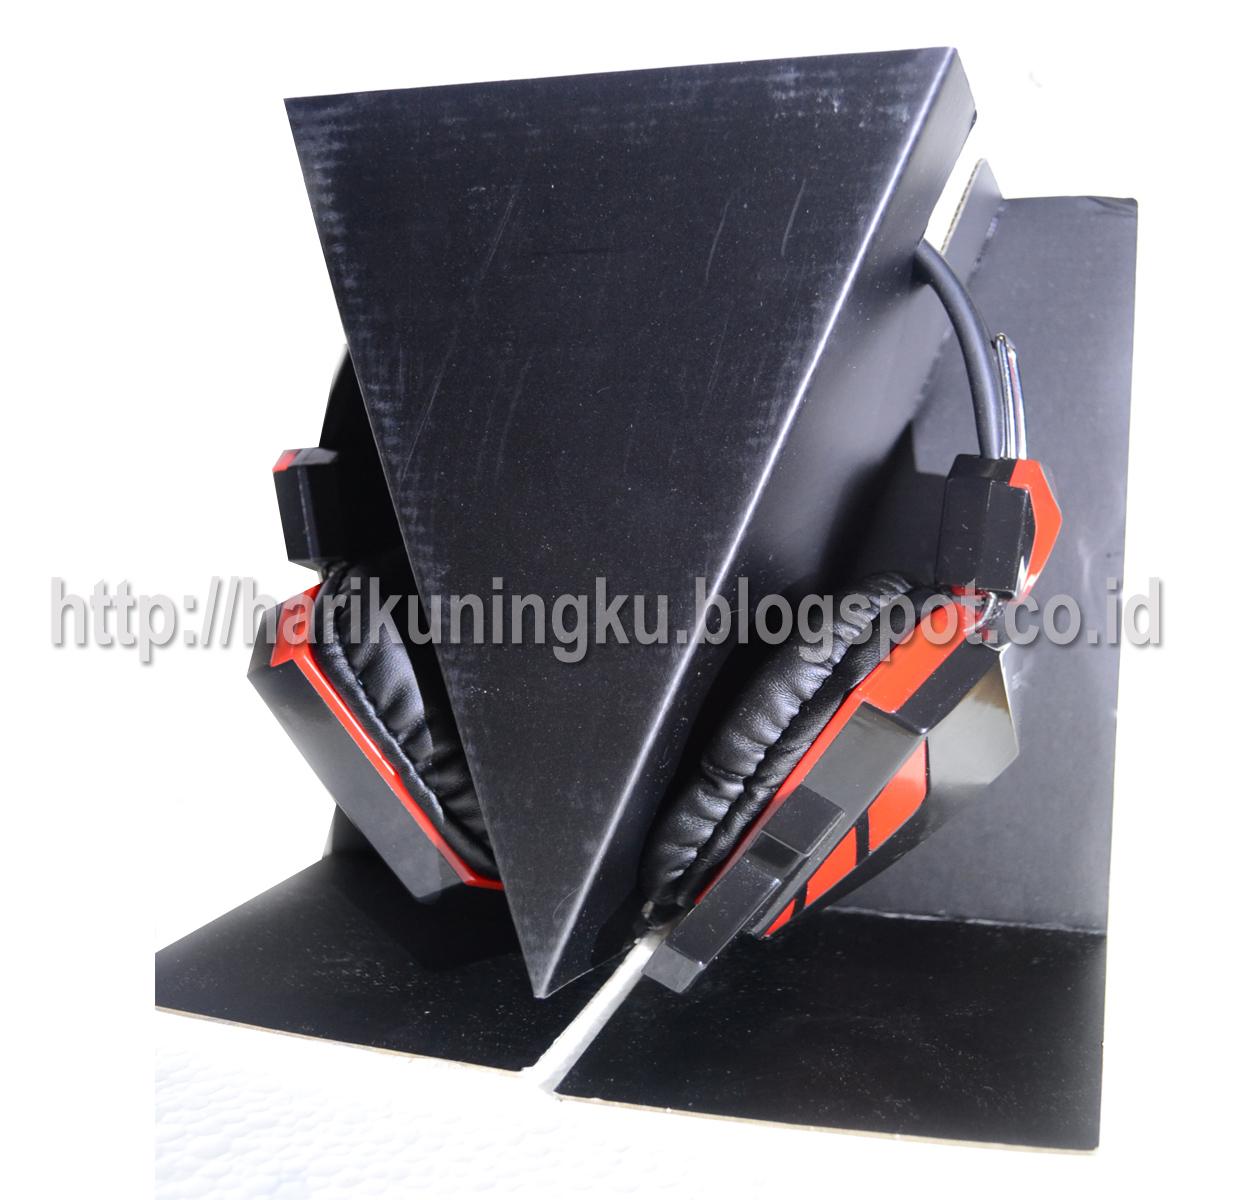 Nyoba Headset Rexus F 22 Gaming